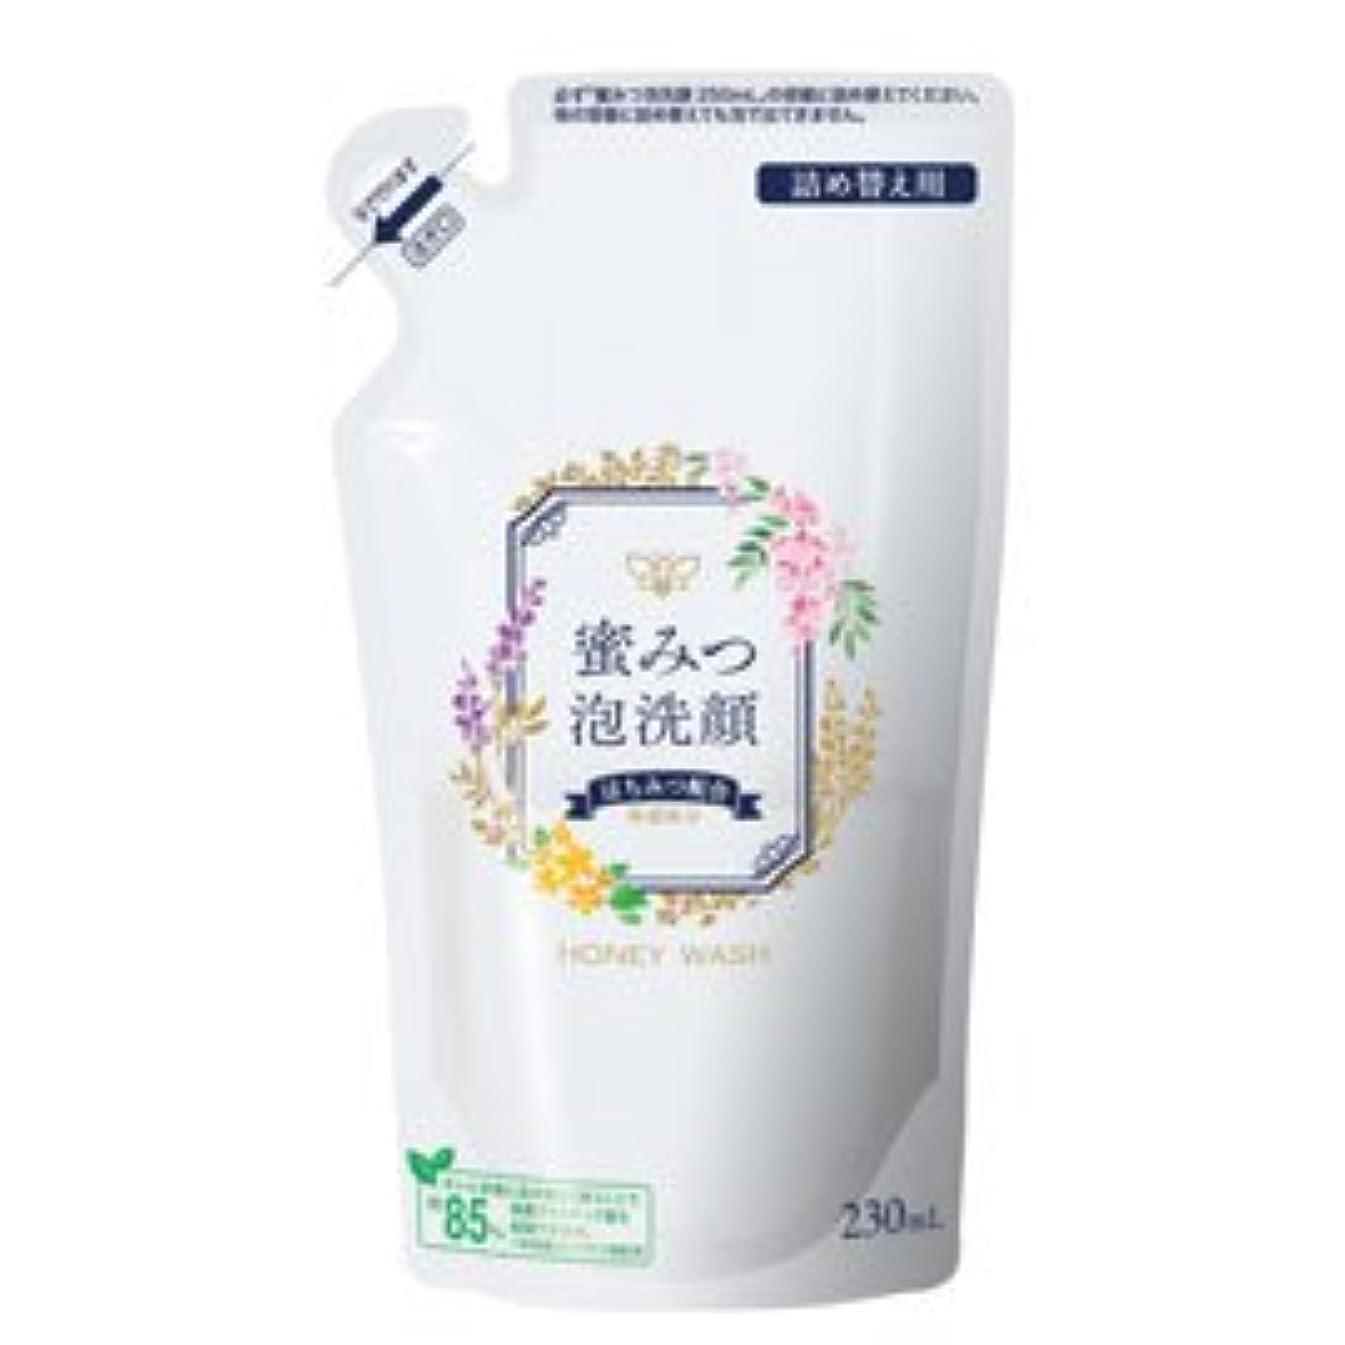 脇に素晴らしさ入場料蜜みつ泡洗顔 230mL(詰替用)